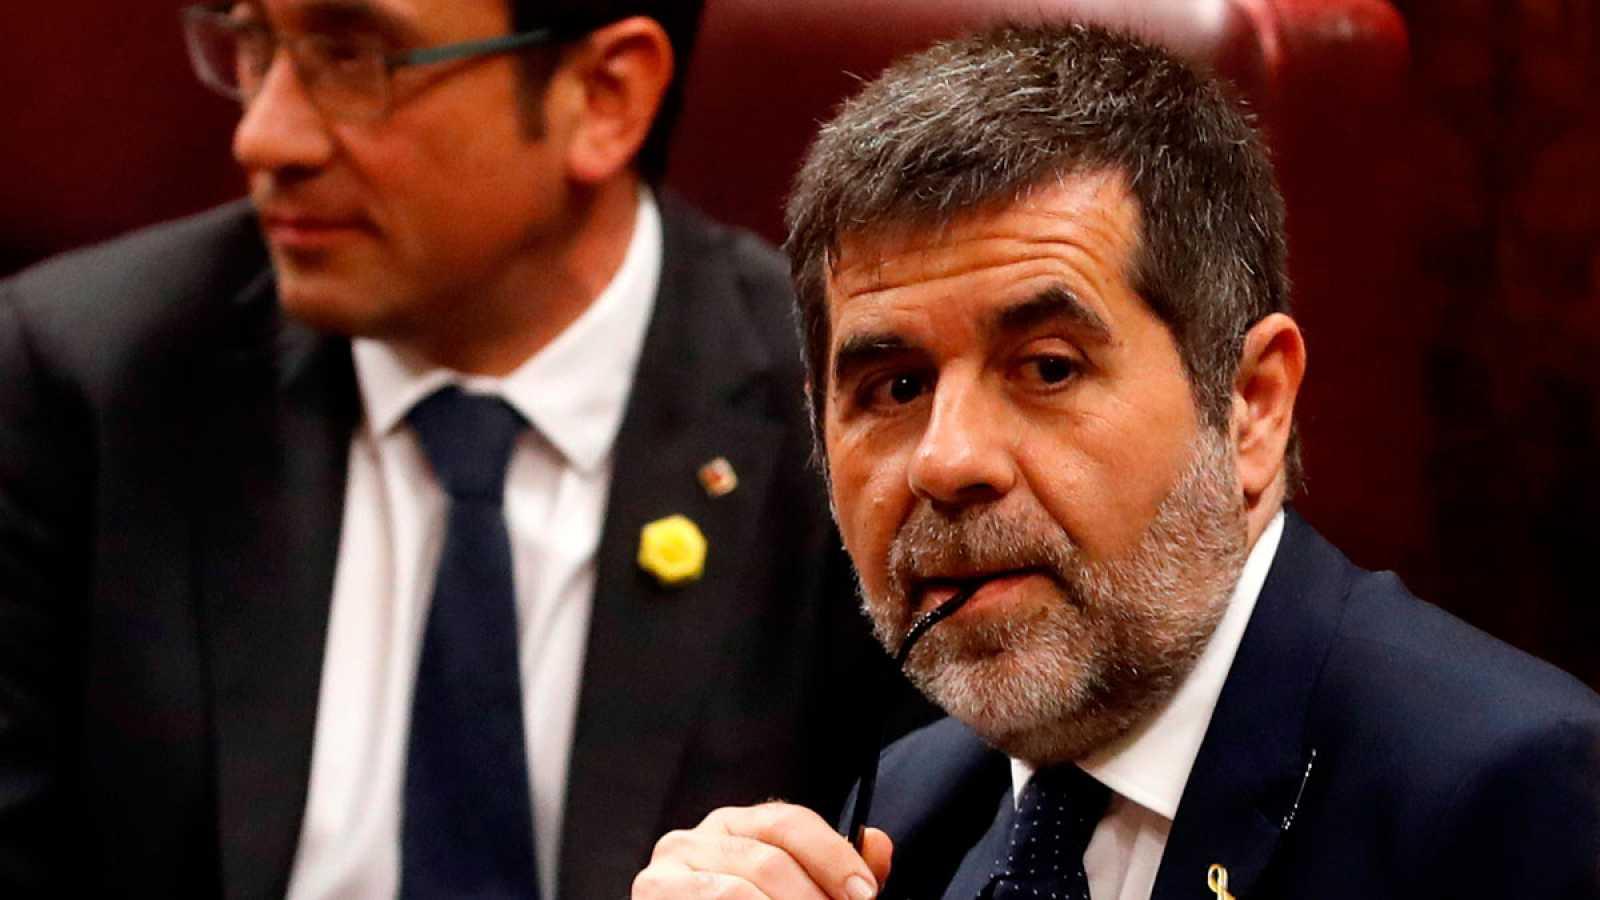 El Supremo rechaza concederle el permiso extraordinario a Jordi Sànchez para acudir a  las consultas con el rey